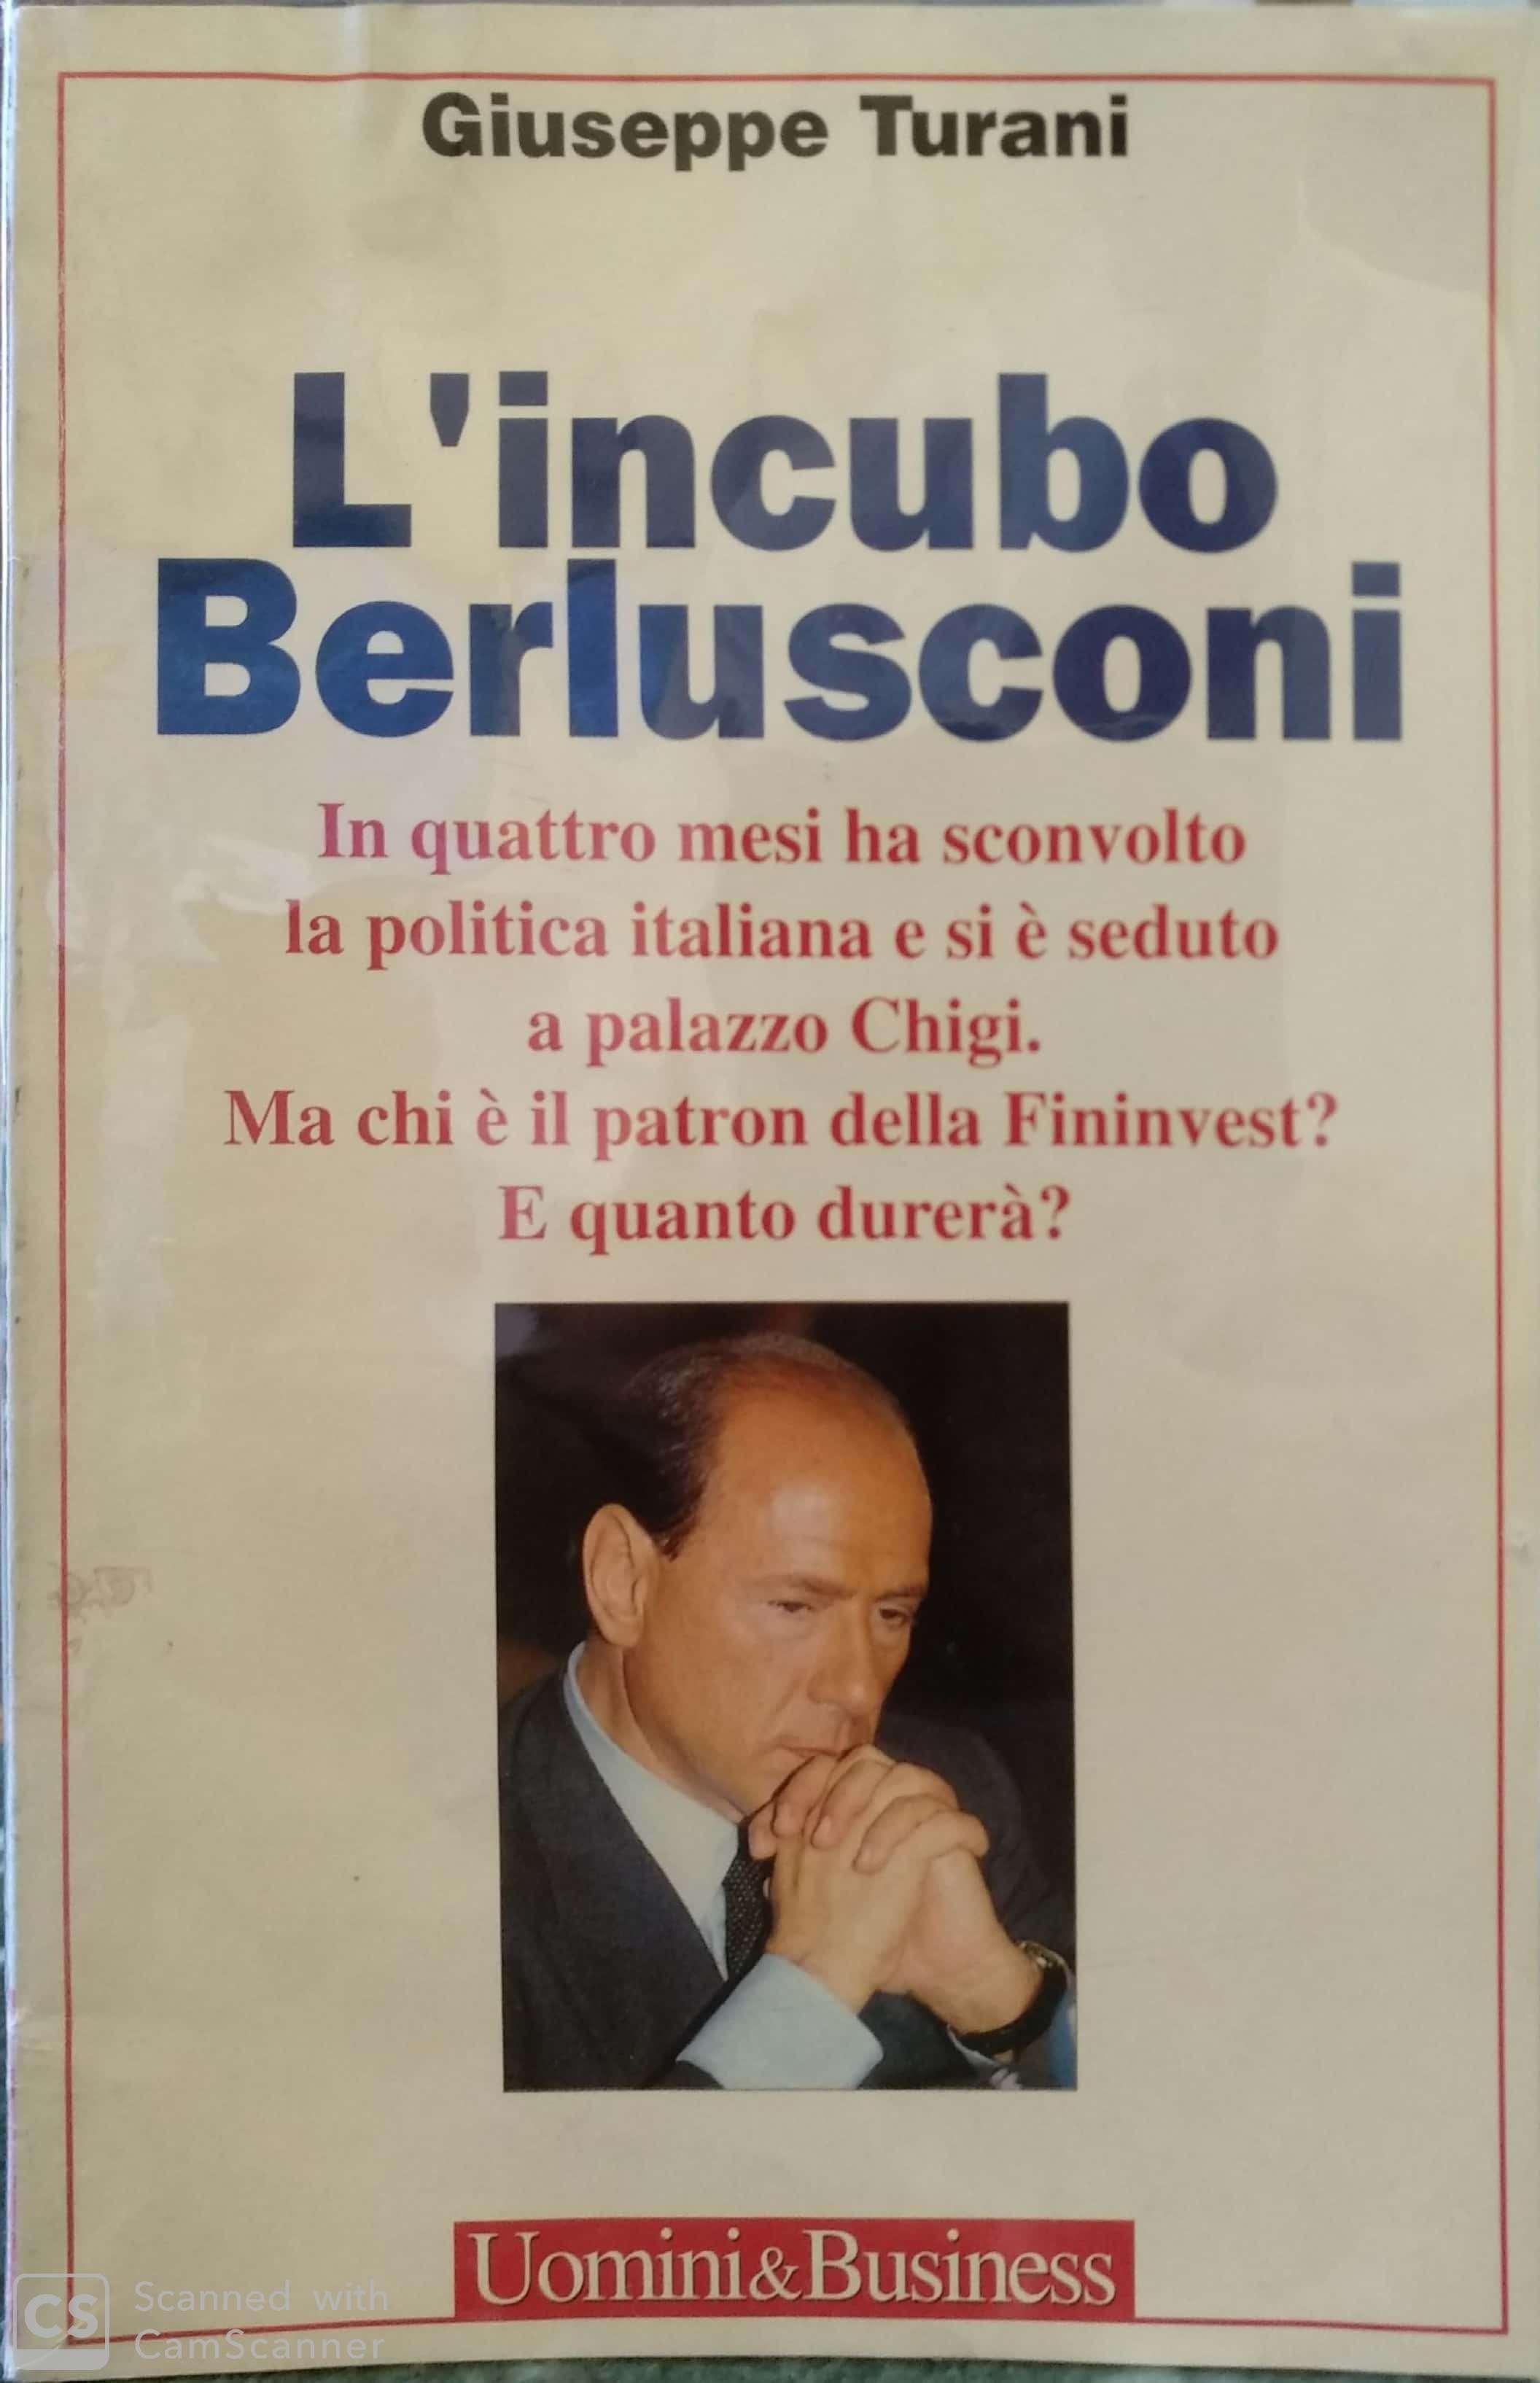 """Uno sconosciuto """"L'incubo Berlusconi"""" di Giuseppe Turani in bancarella!"""